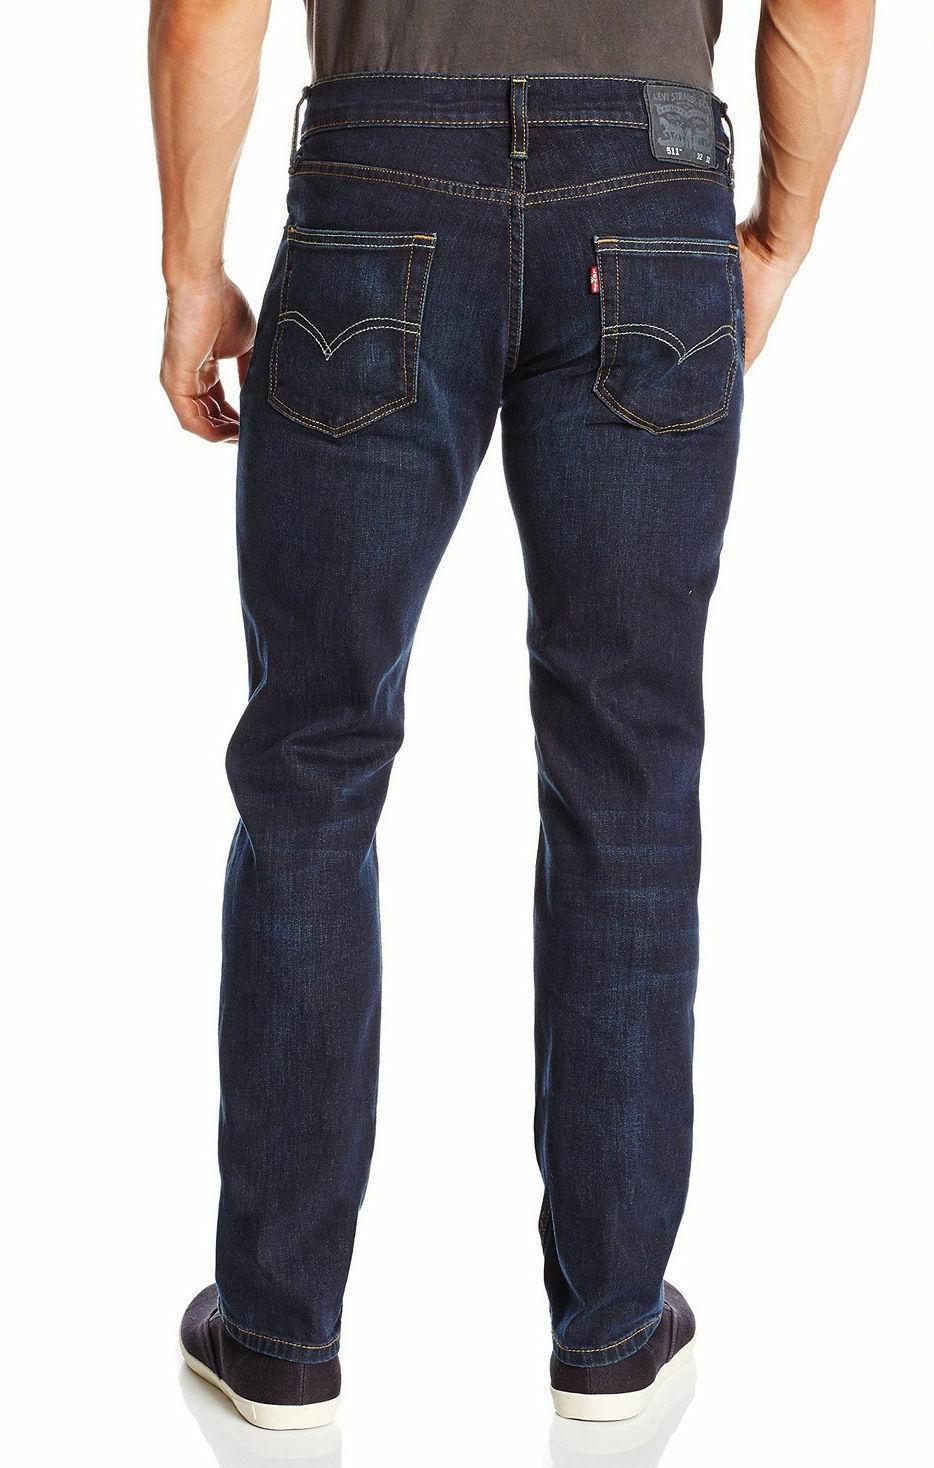 Levi's Strauss 511 Men's Original Slim Fit Premium Denim Jeans 511-1390